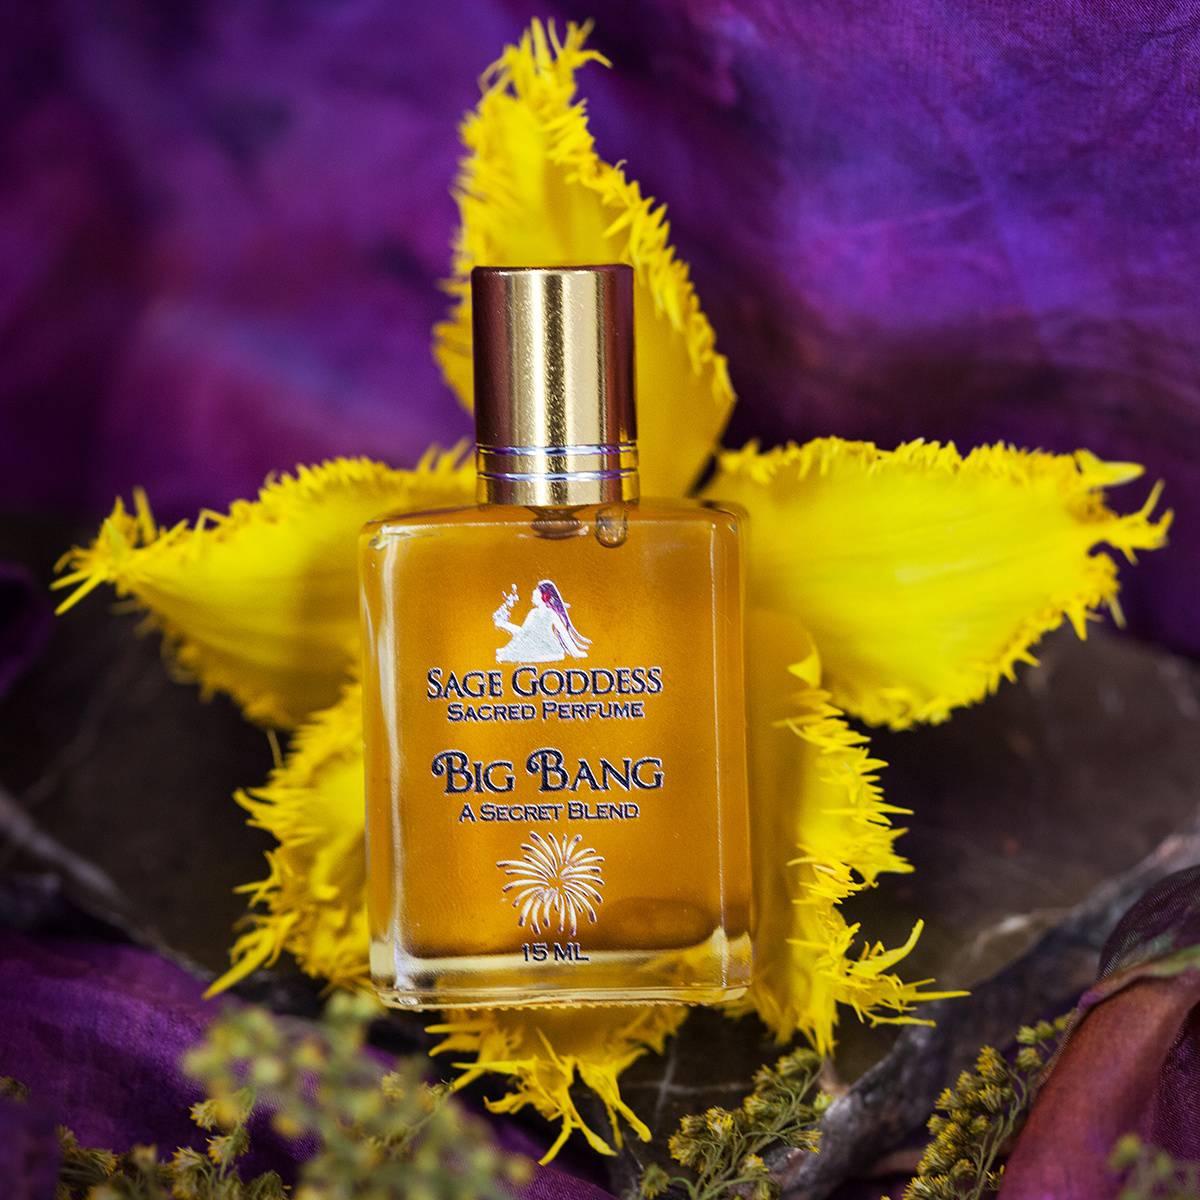 Big Bang Perfume 6_7